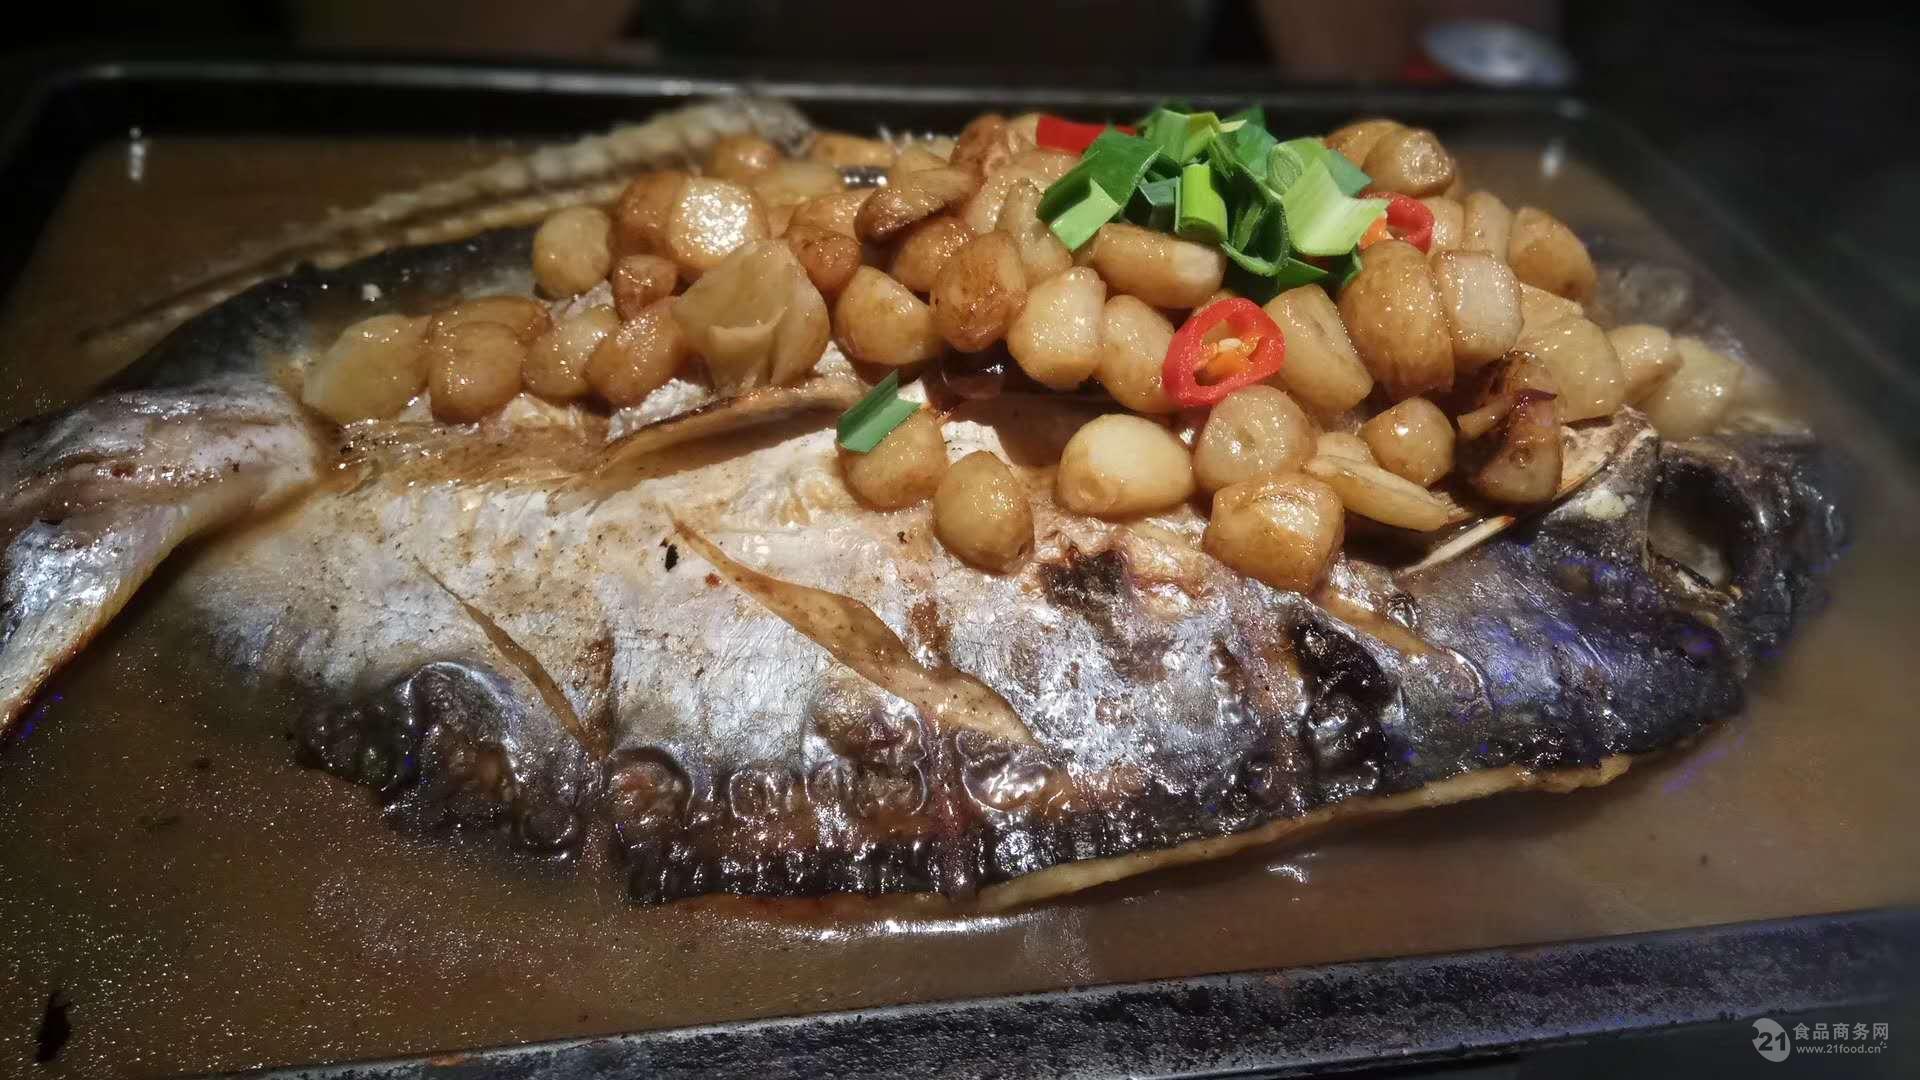 味远红芳实力厂家直销酱香烤鱼料批发孜然烤鱼酱料餐饮调料